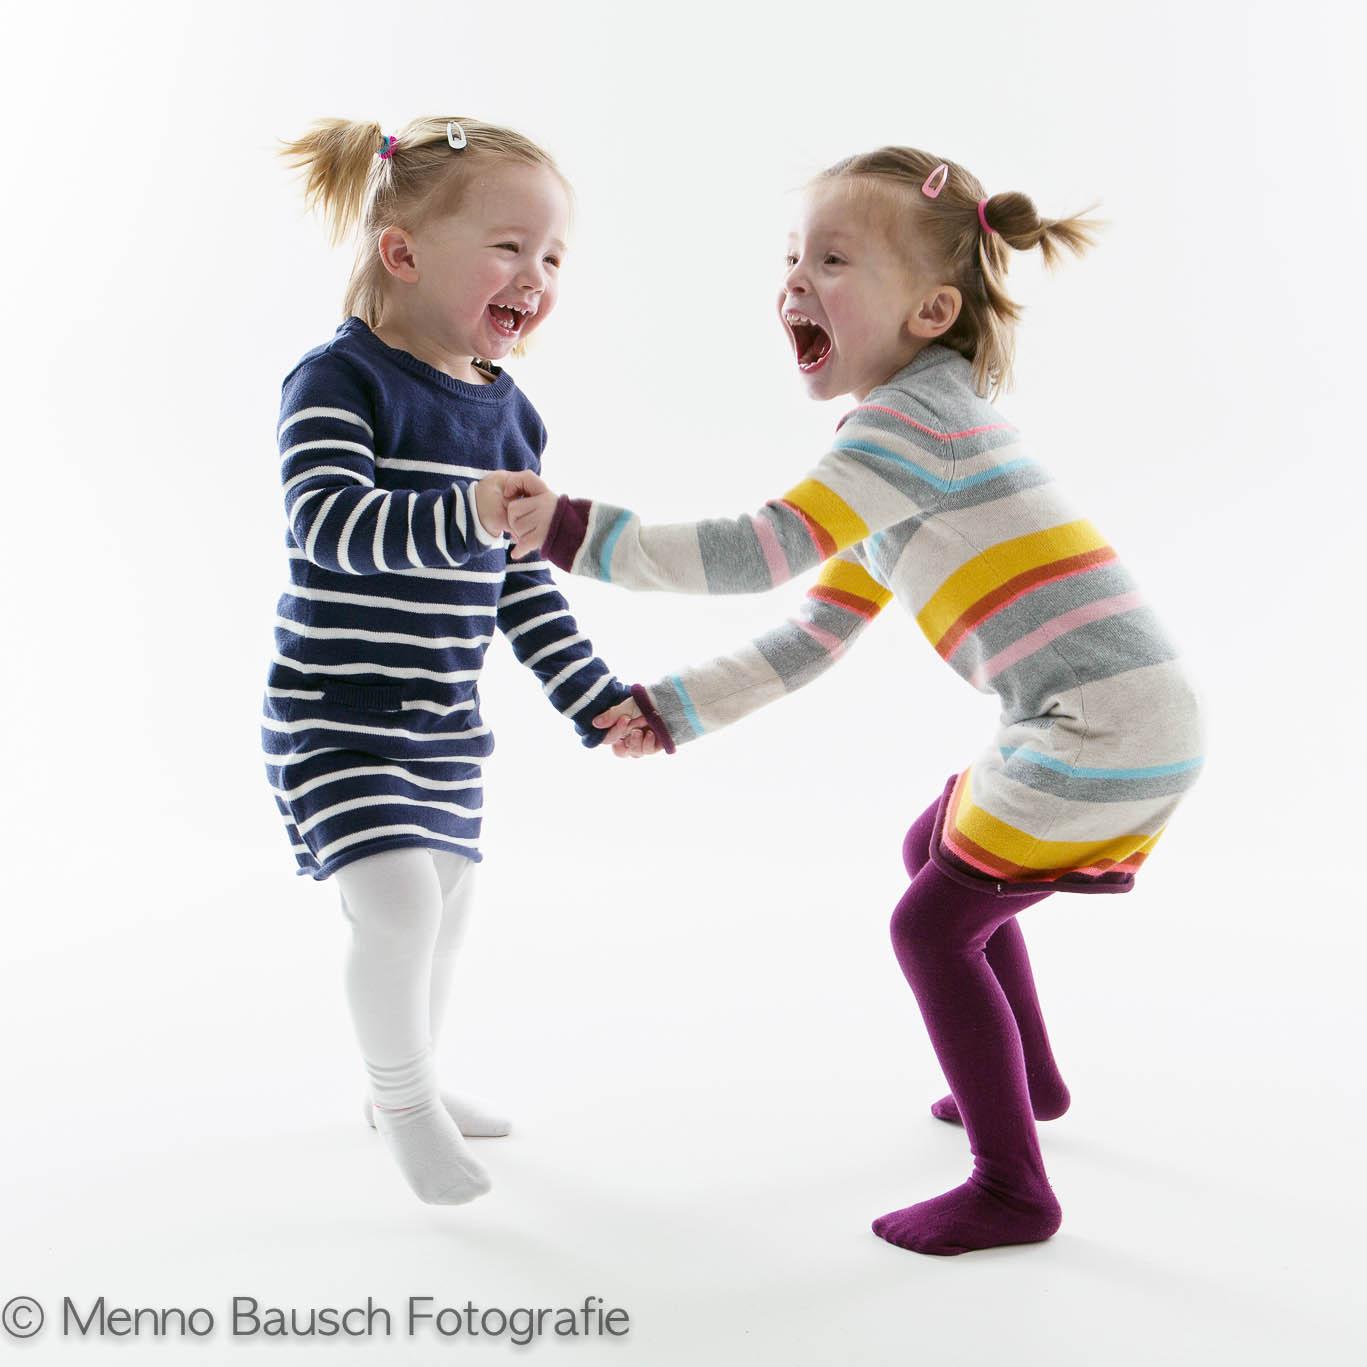 Menno Bausch Fotografie8-2